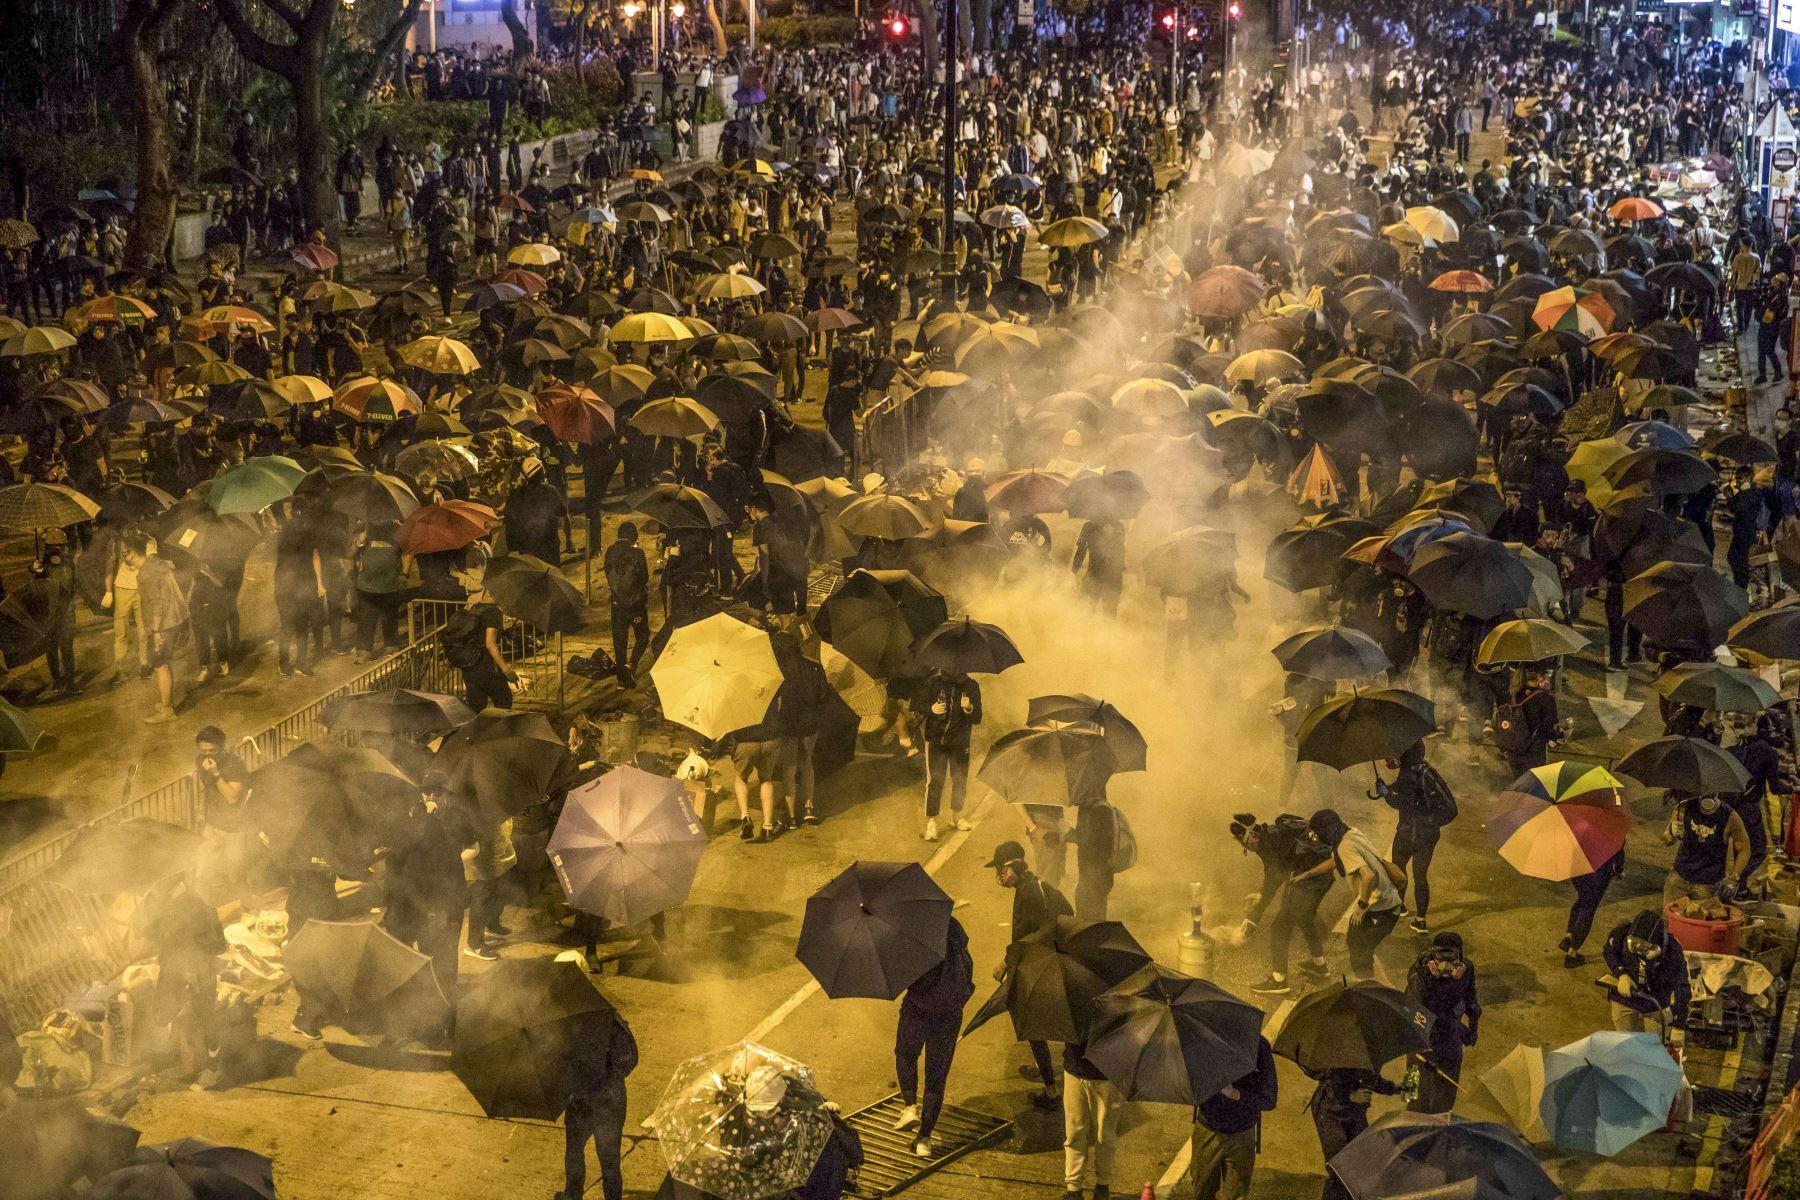 Los manifestantes lanzaron cócteles molotov y los antidisturbios emplearon gases lacrimógenos y cañones de líquido. Foto: AFP